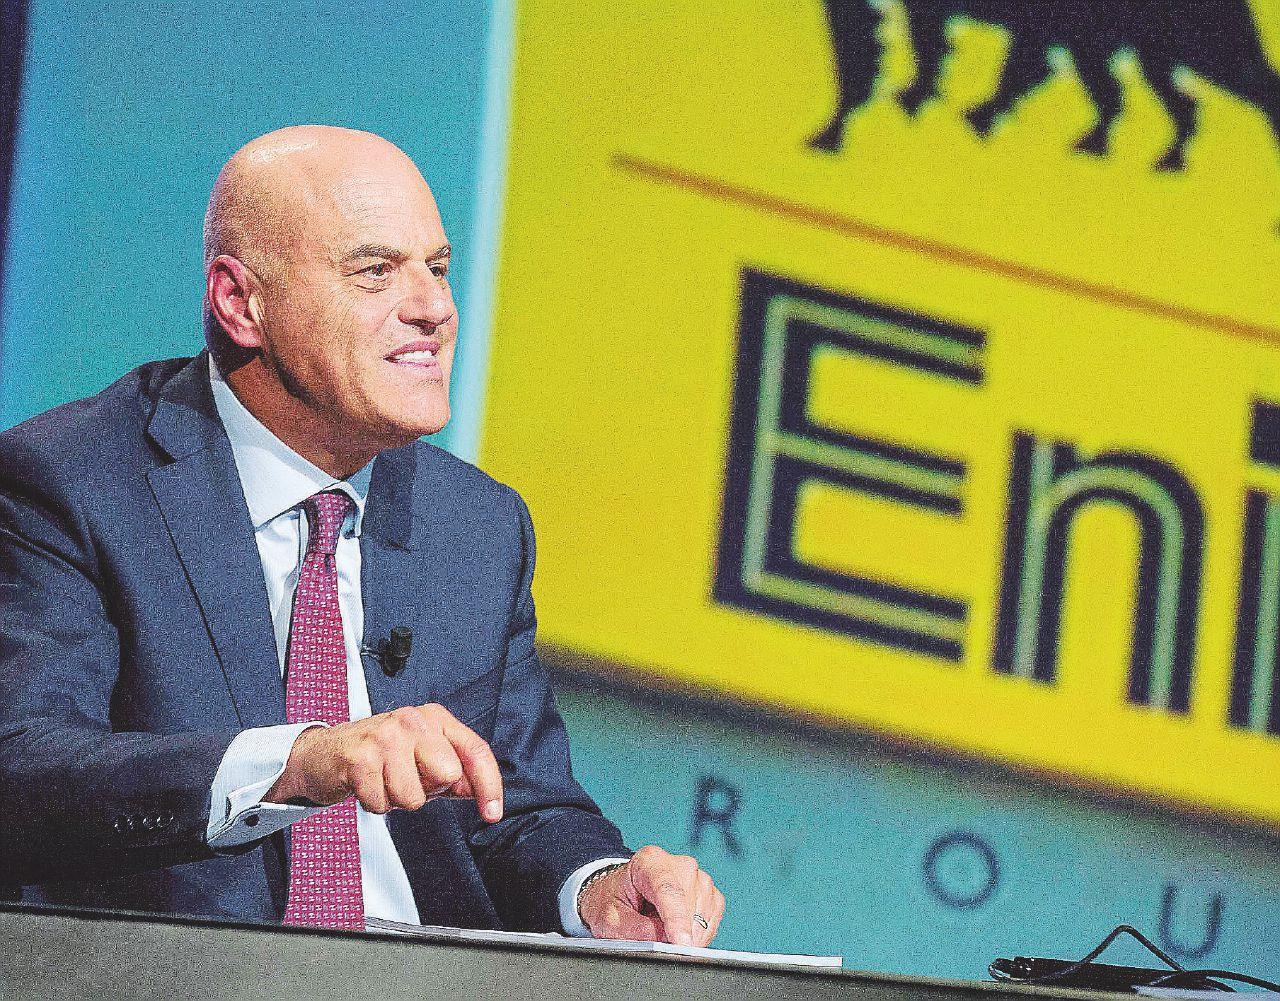 Sul Fatto del 24 gennaio – Enel, dai black out un conto milionario. Paghiamo pure noi